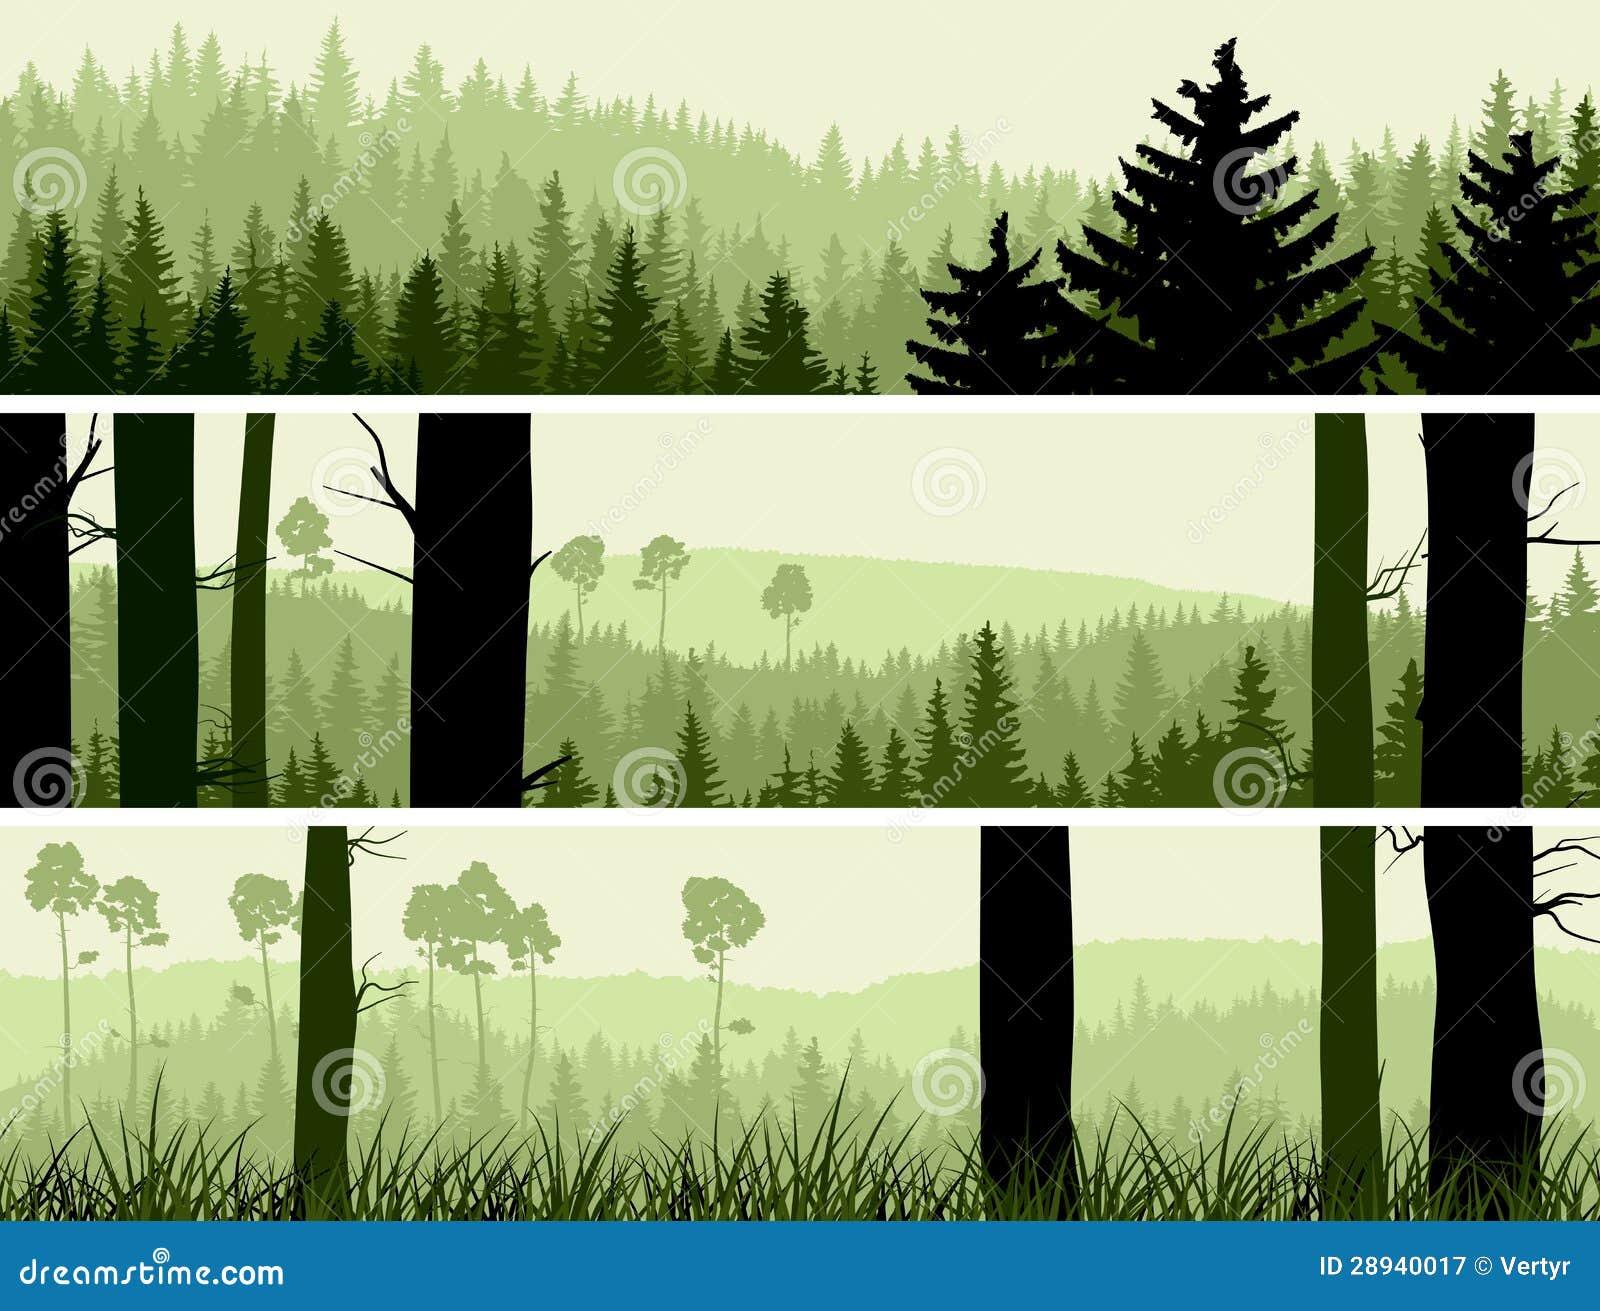 Banderas horizontales de la madera conífera de las colinas.